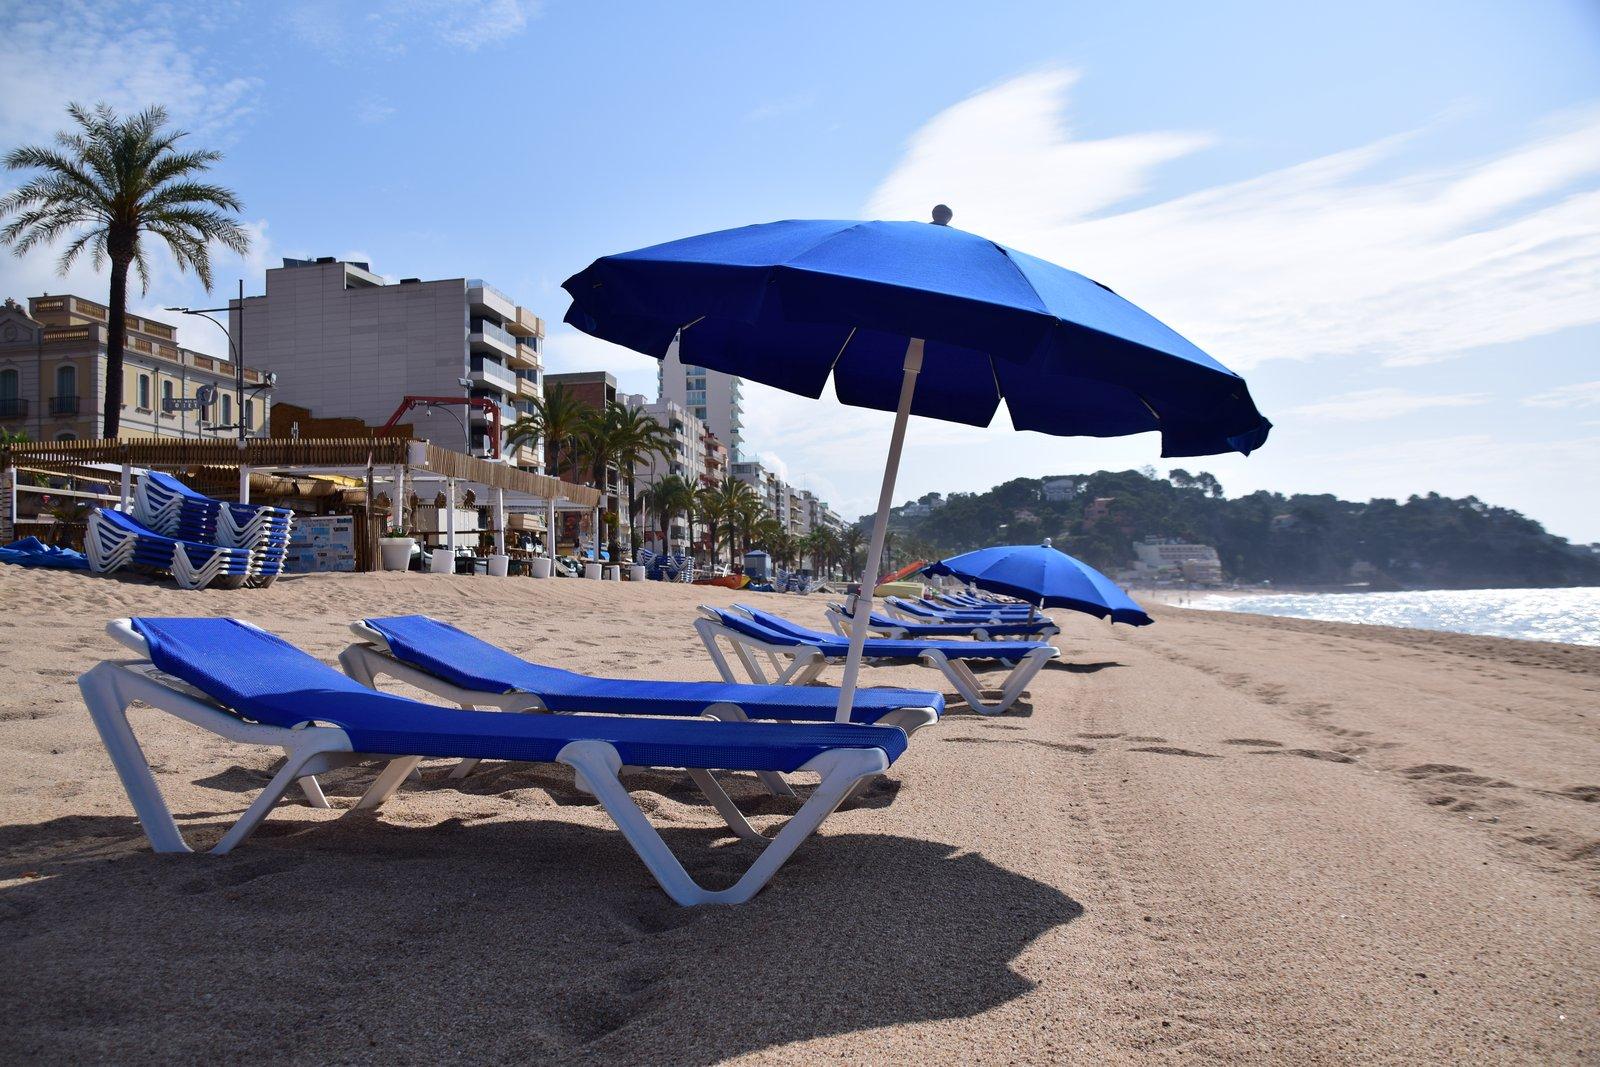 Urlaub in Lloret de Mar Spanien – Ein Erfahrungsbericht 5